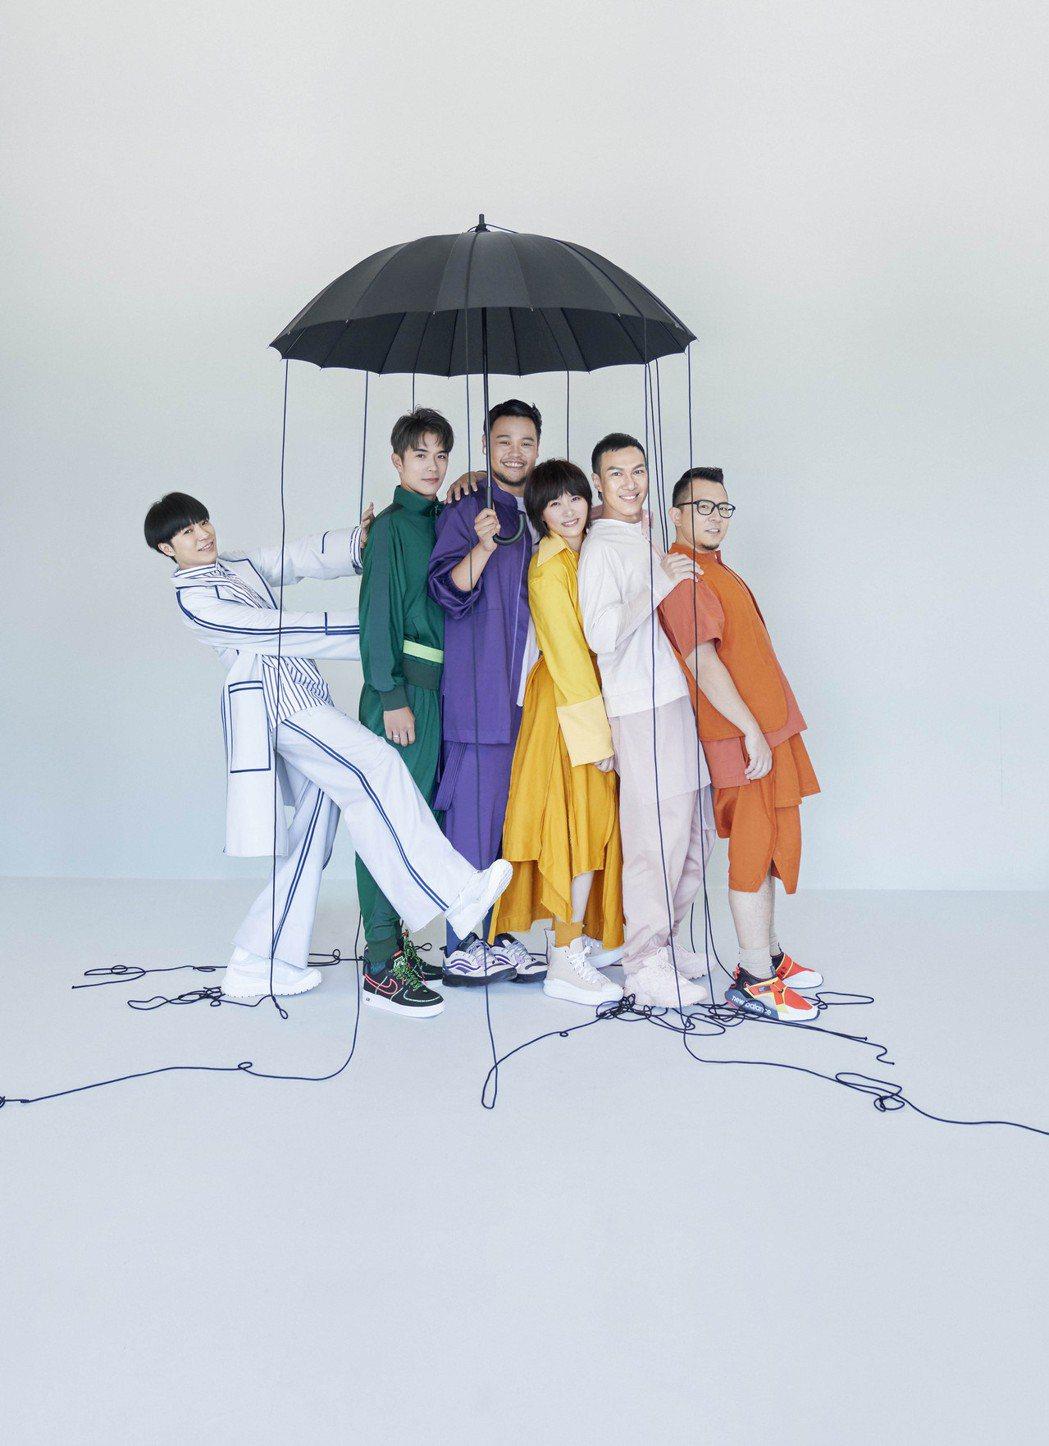 魚丁糸跨年夜獨家演出在臺北,會帶來大家熟悉的歌單。圖/臺北市觀光傳播局與必應創造